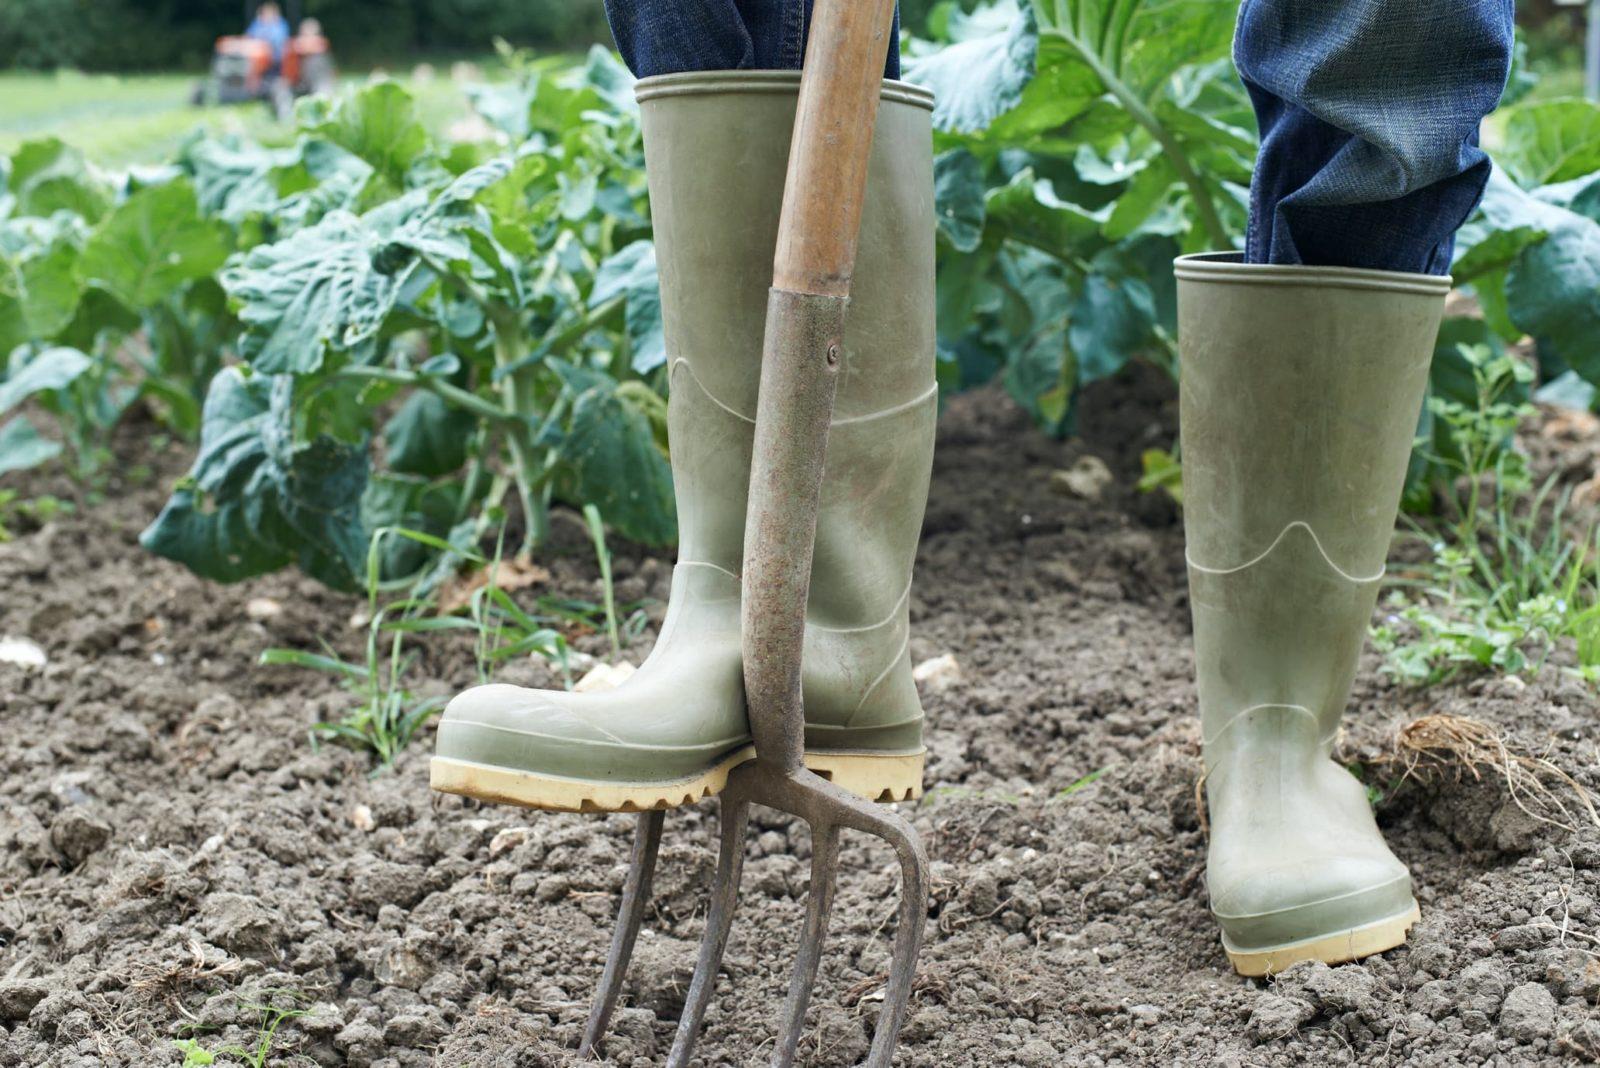 man in wellies using garden fork